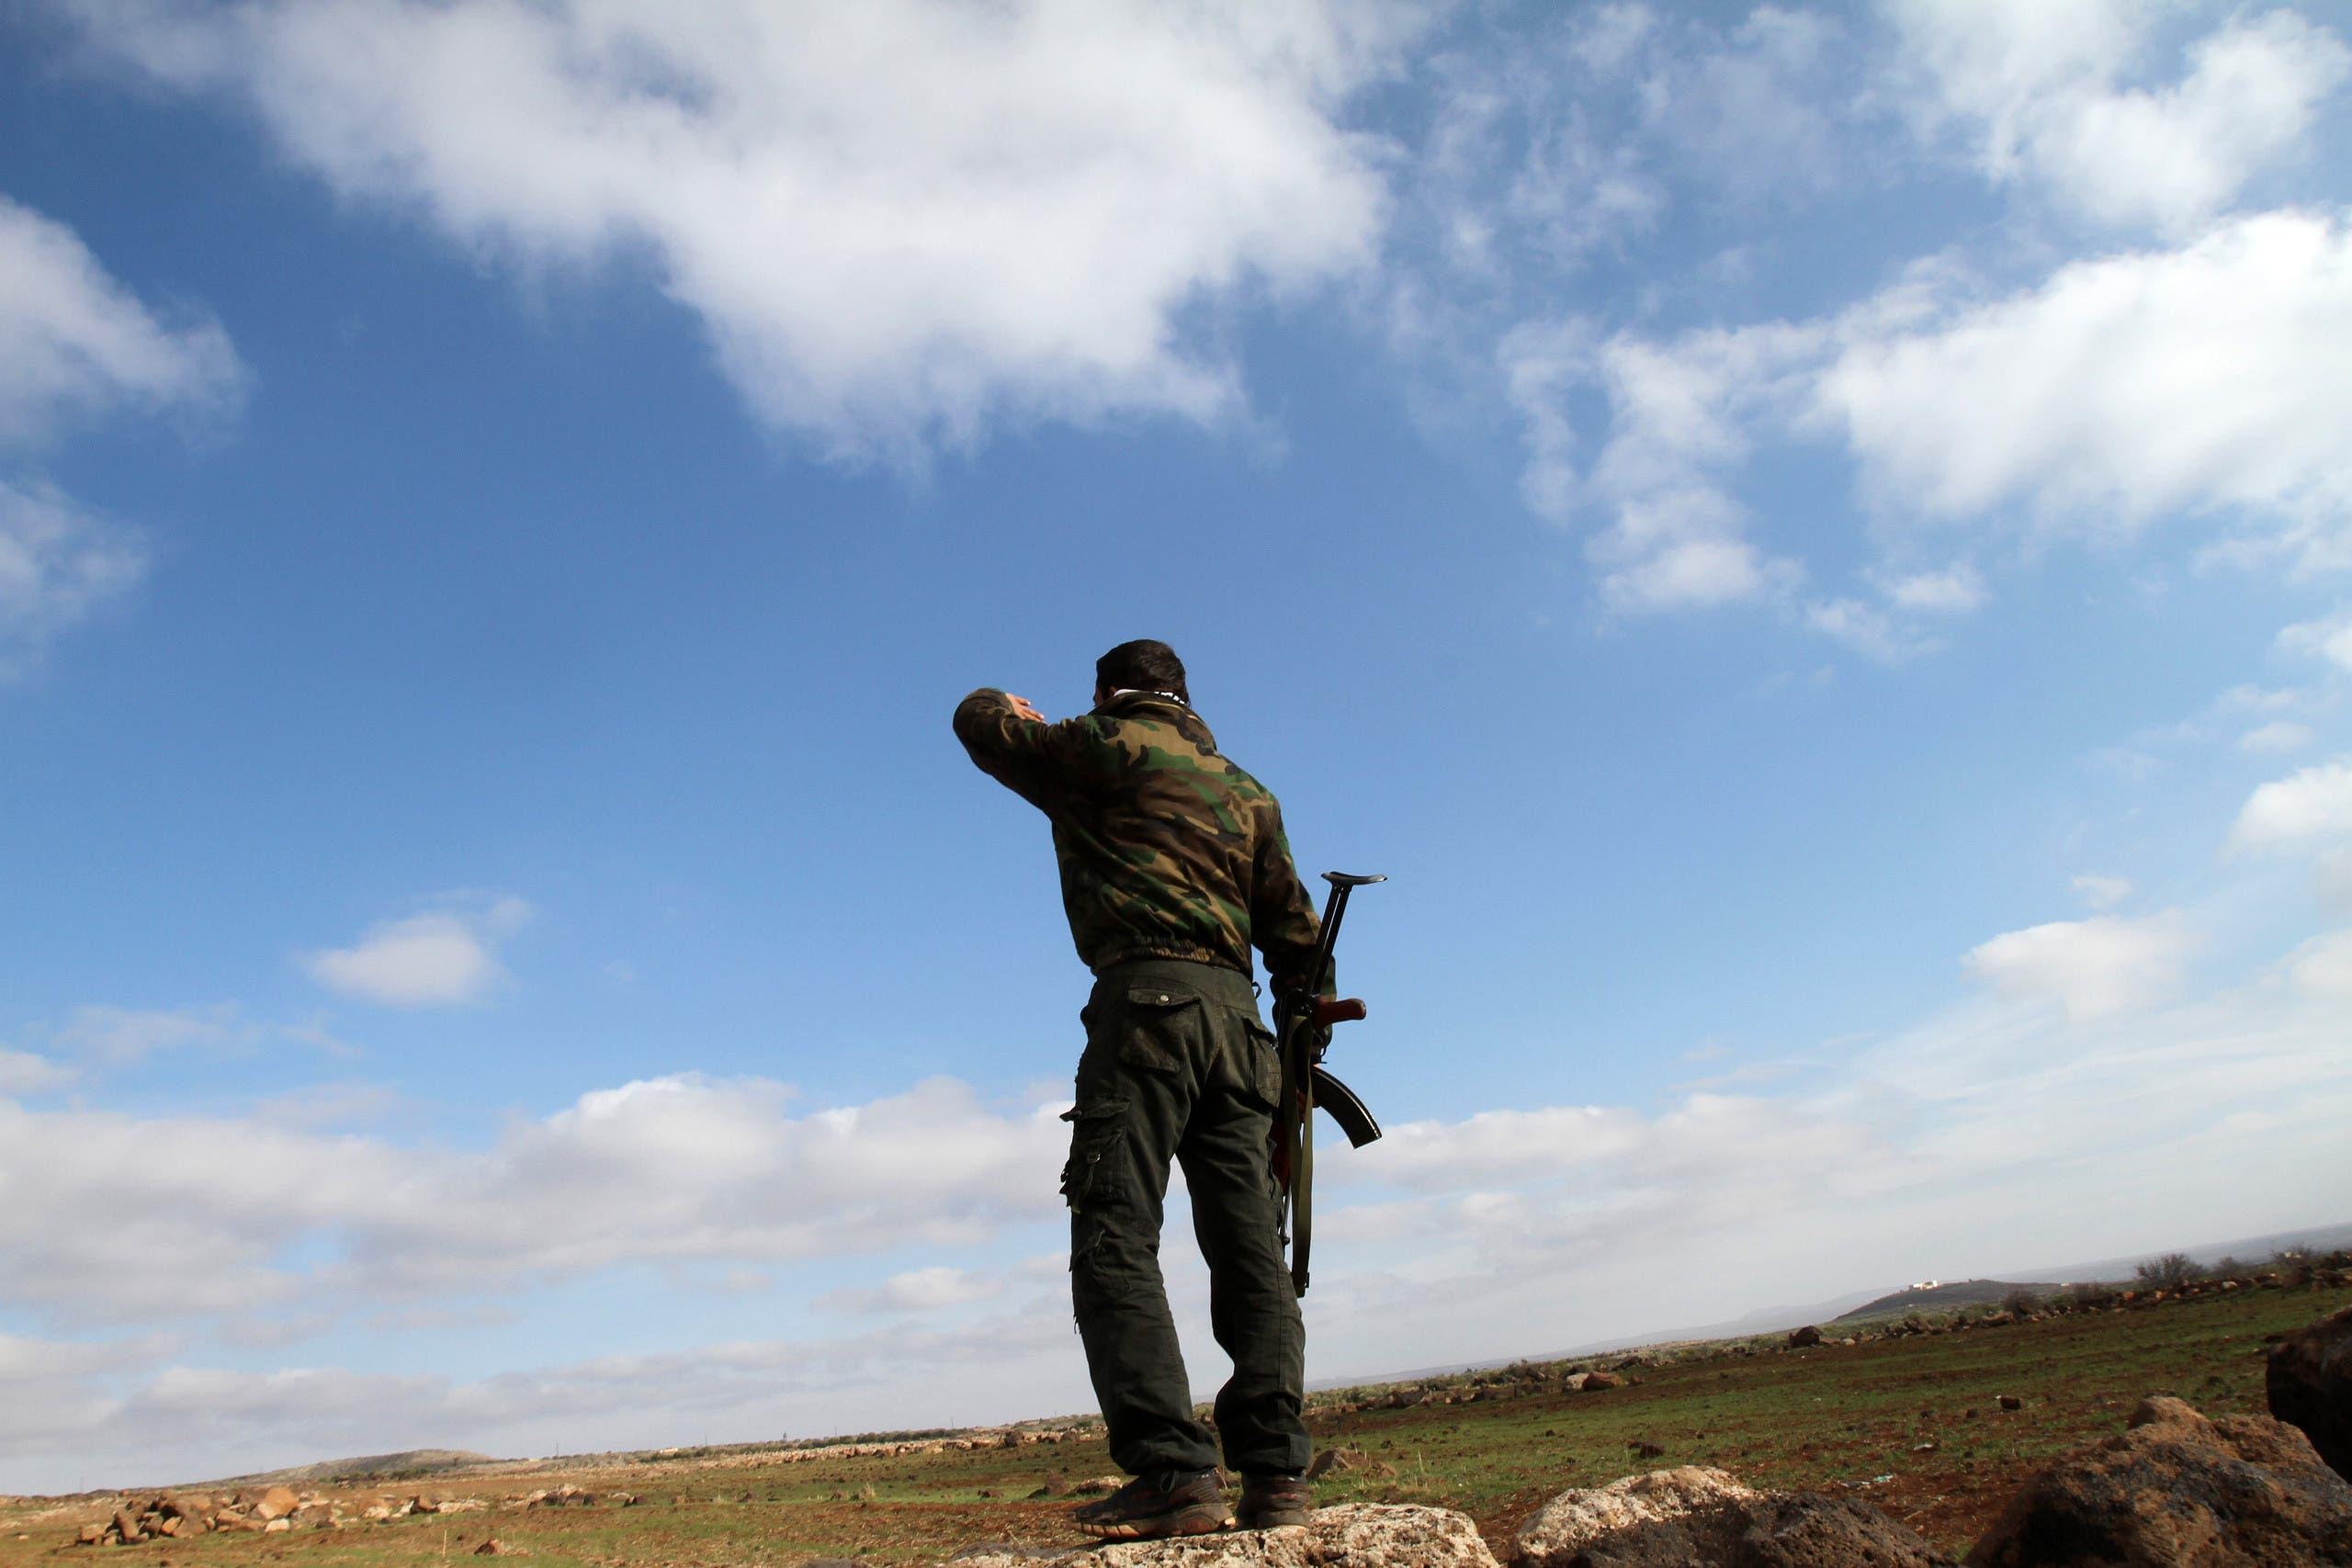 عنصر من قوات النظام في درعا (أرشيفية)